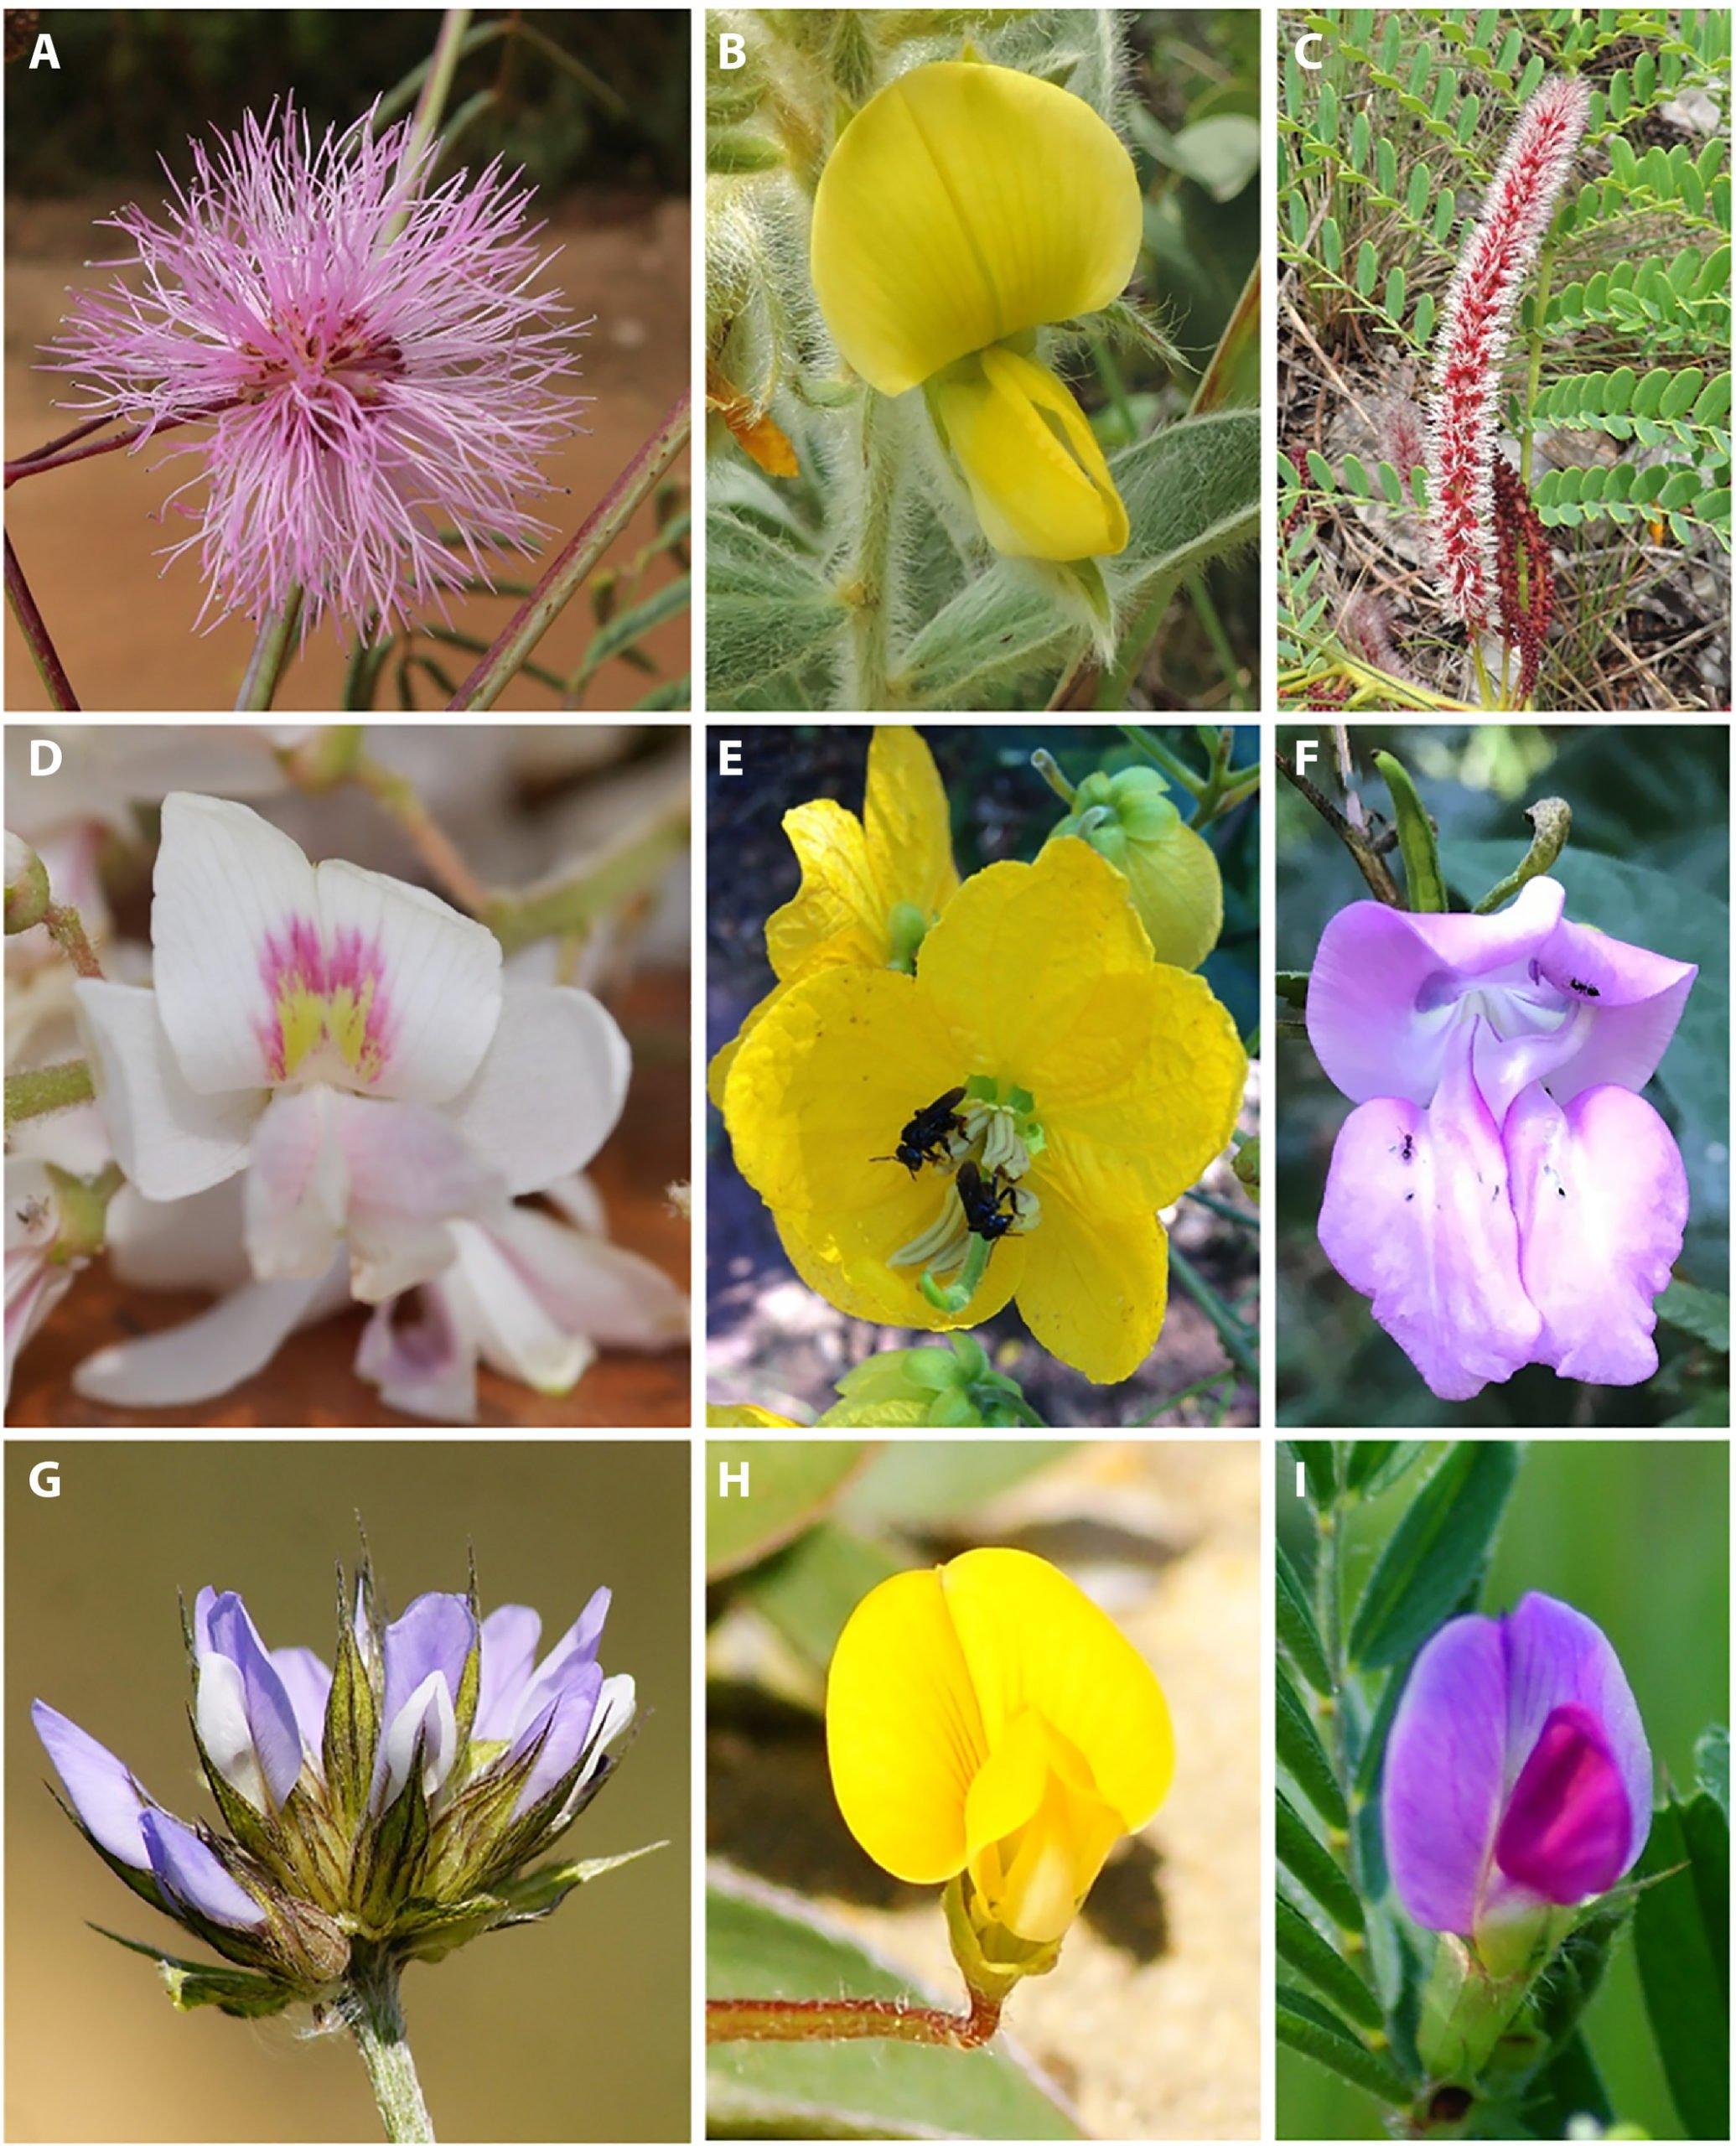 La couleur de la végétation de fond révèle comment les abeilles voient les fleurs